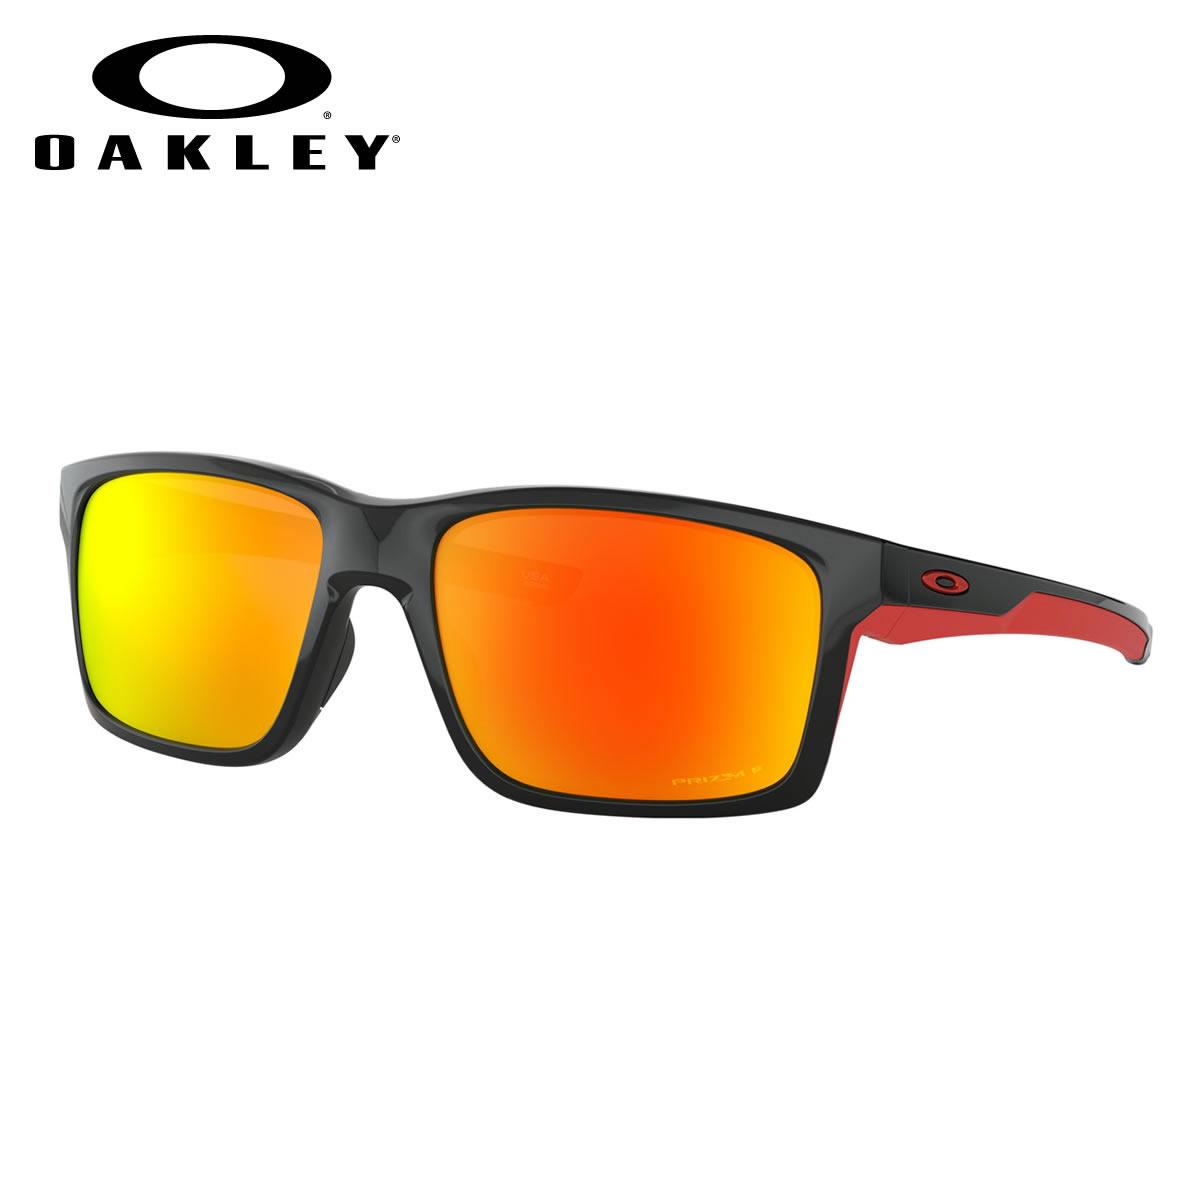 オークリー OAKLEY サングラス OO9264-46-61 MAINLINK XL メインリンクXL Polished Black /Prizm Ruby Polarized オークレー かっこいい 偏光レンズ メンズ レディース